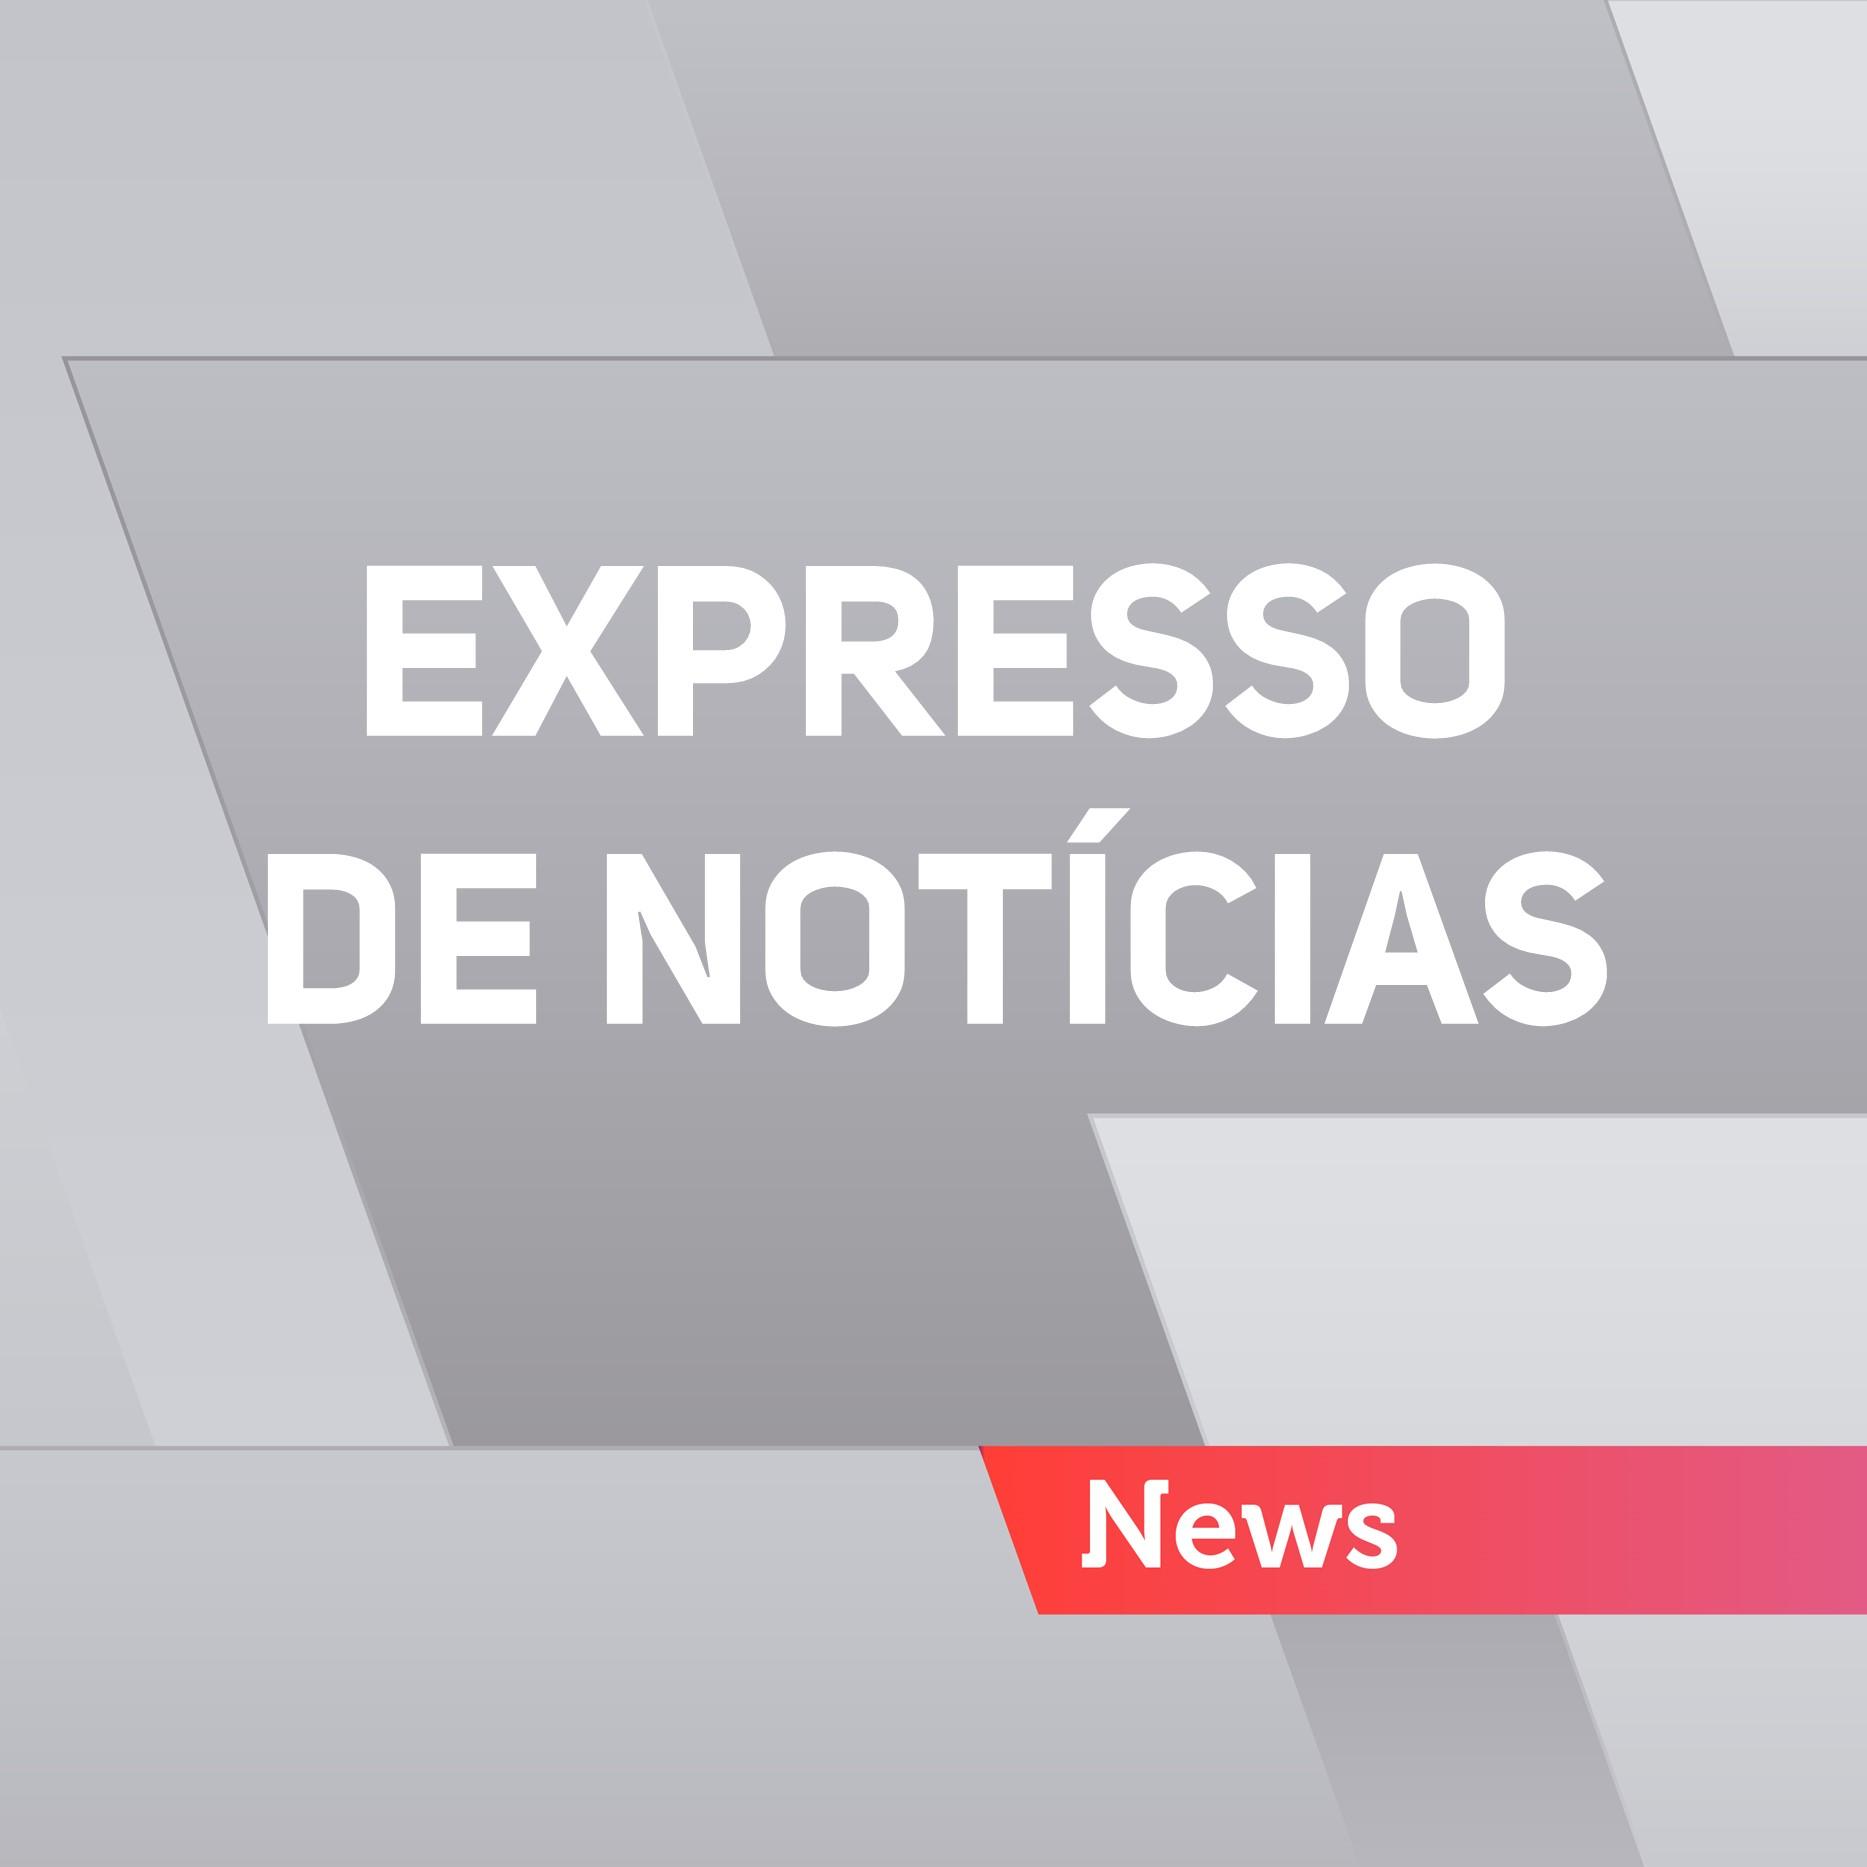 Expresso de Notícias do Gaúcha Hoje – 21/08/2017